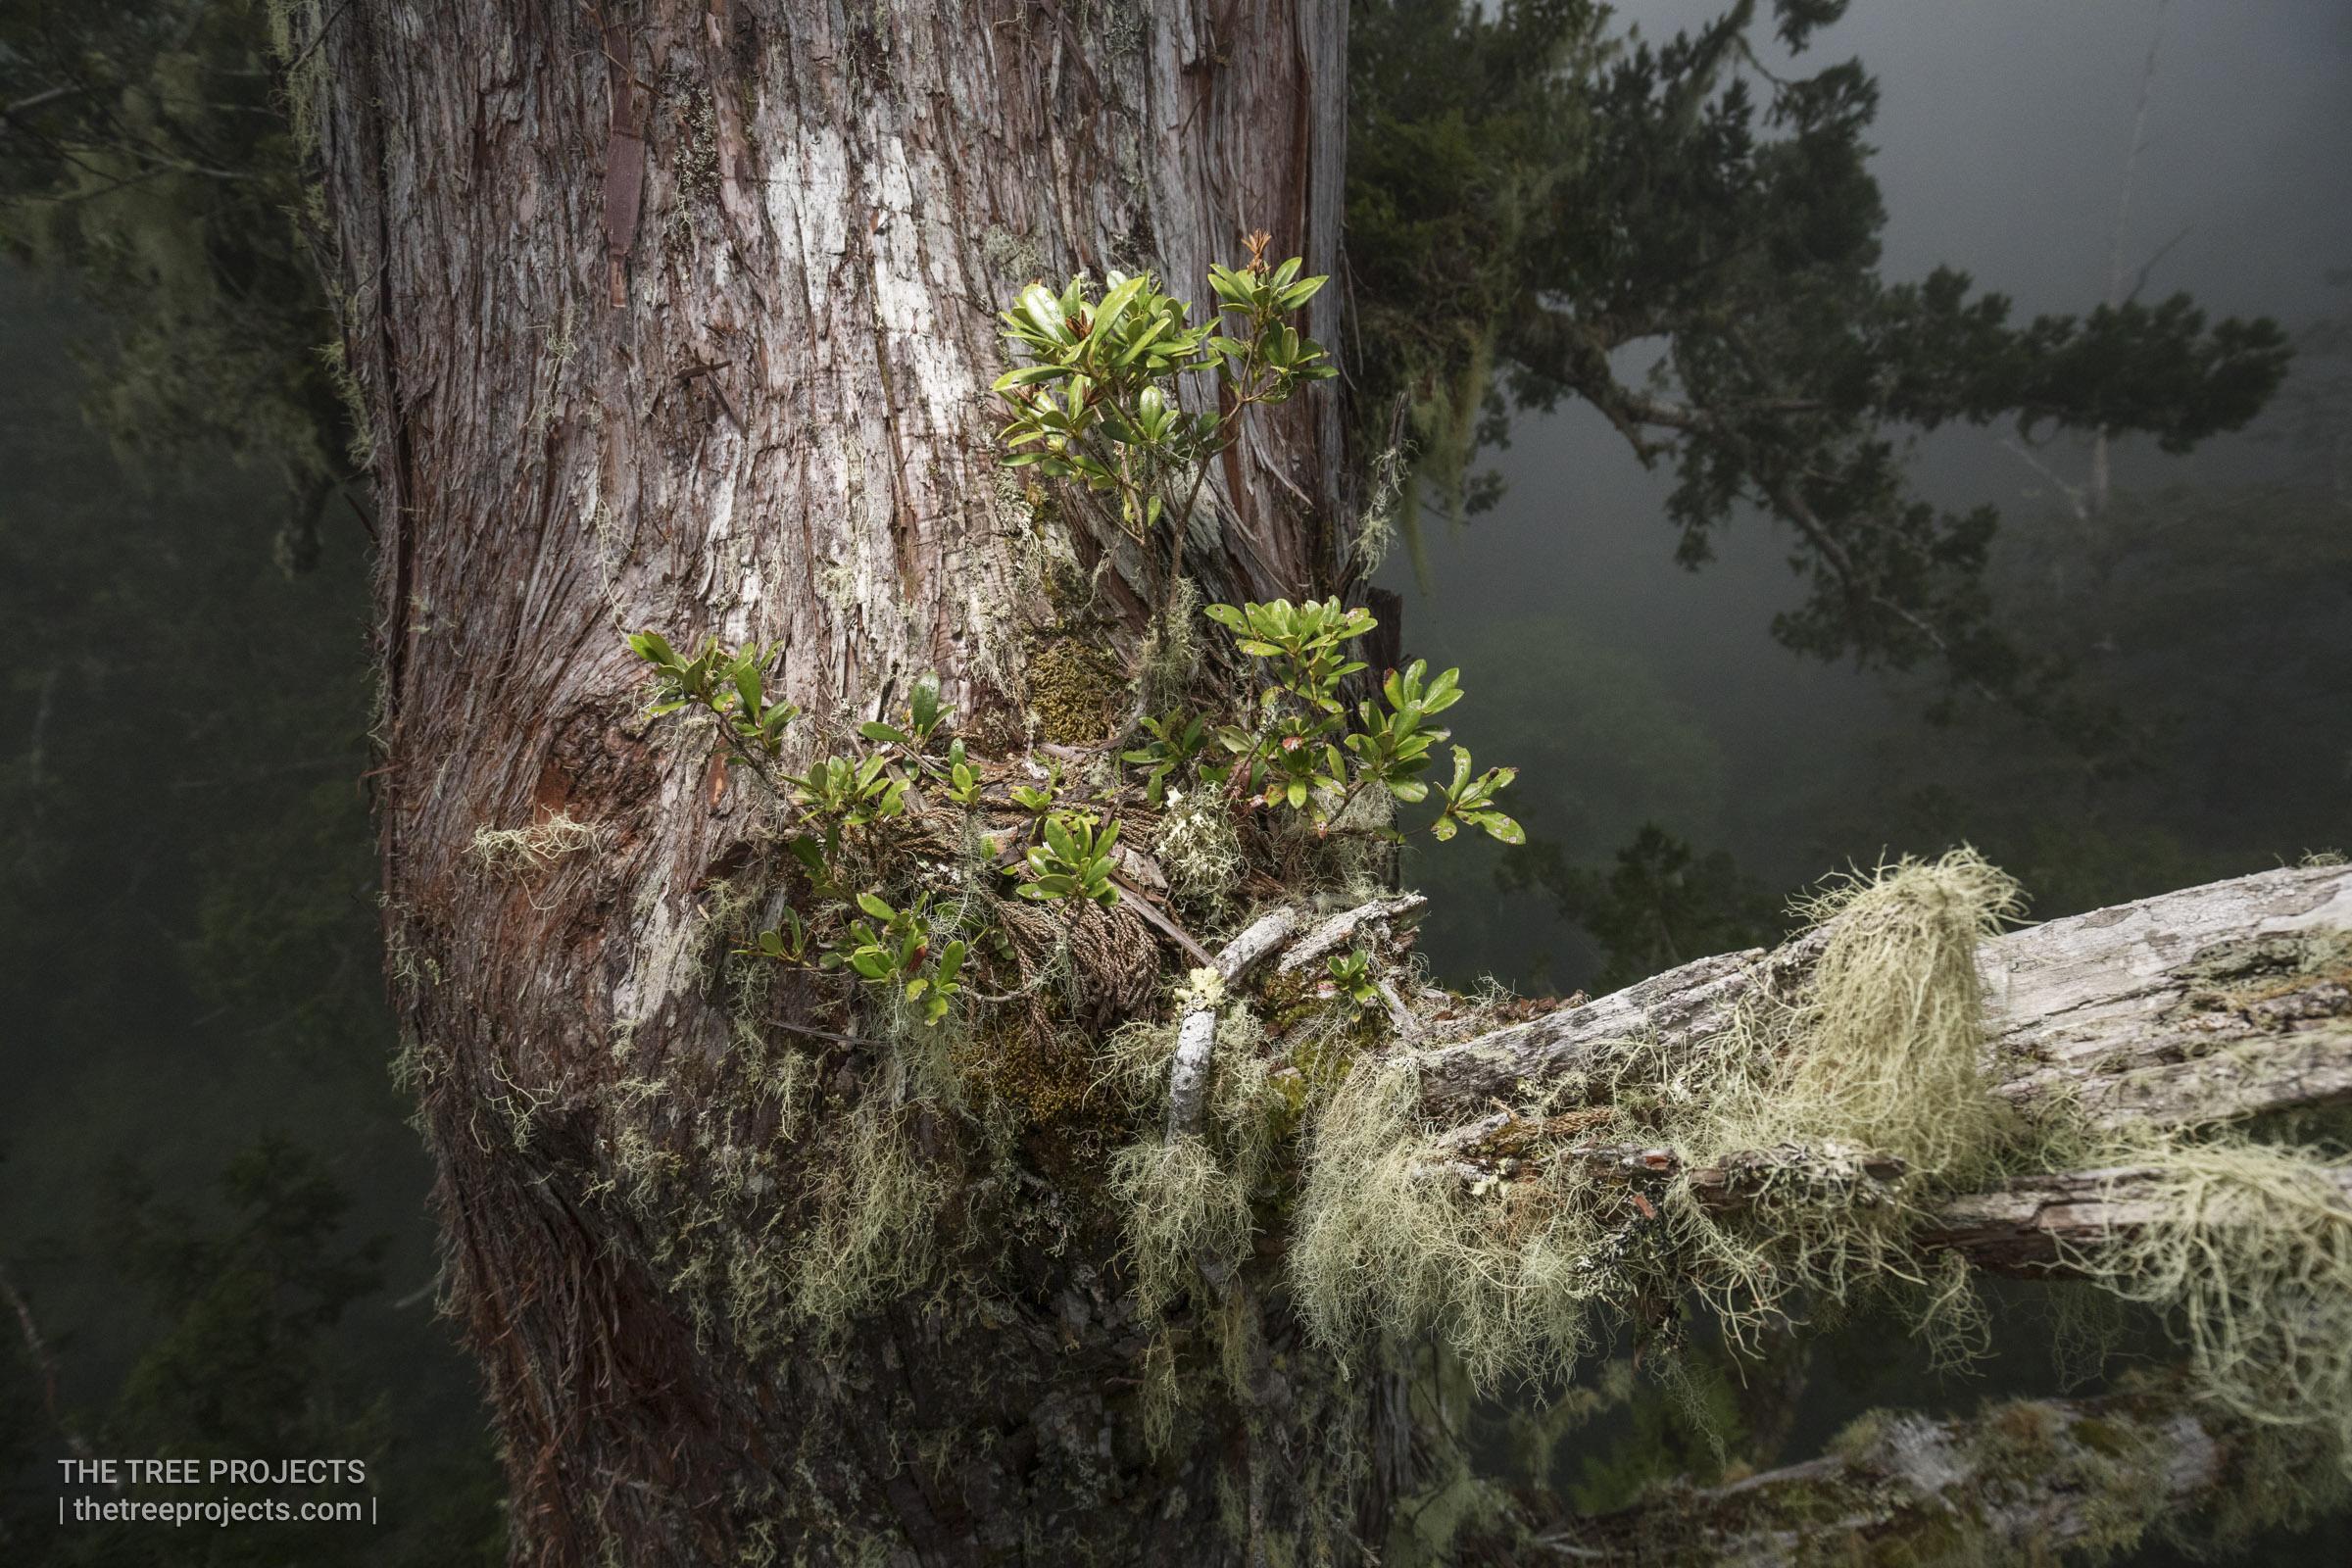 Taiwan-Tree-Project-201705052017-05-05-_5D41477.jpg